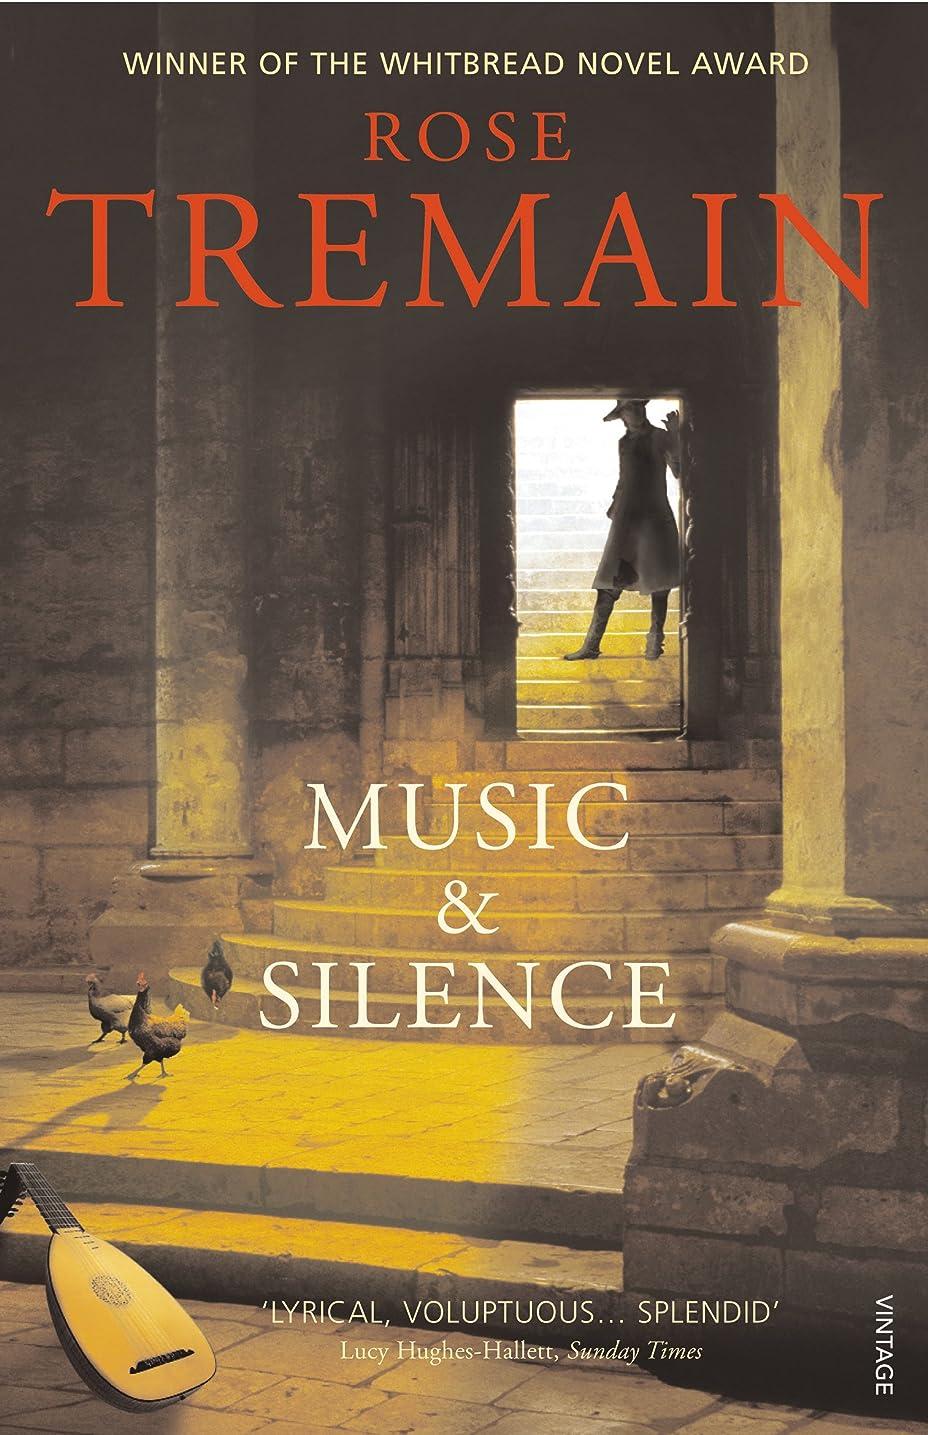 骨素敵な交響曲Music & Silence: Winner of the Whitbread Novel Award 1999 (English Edition)